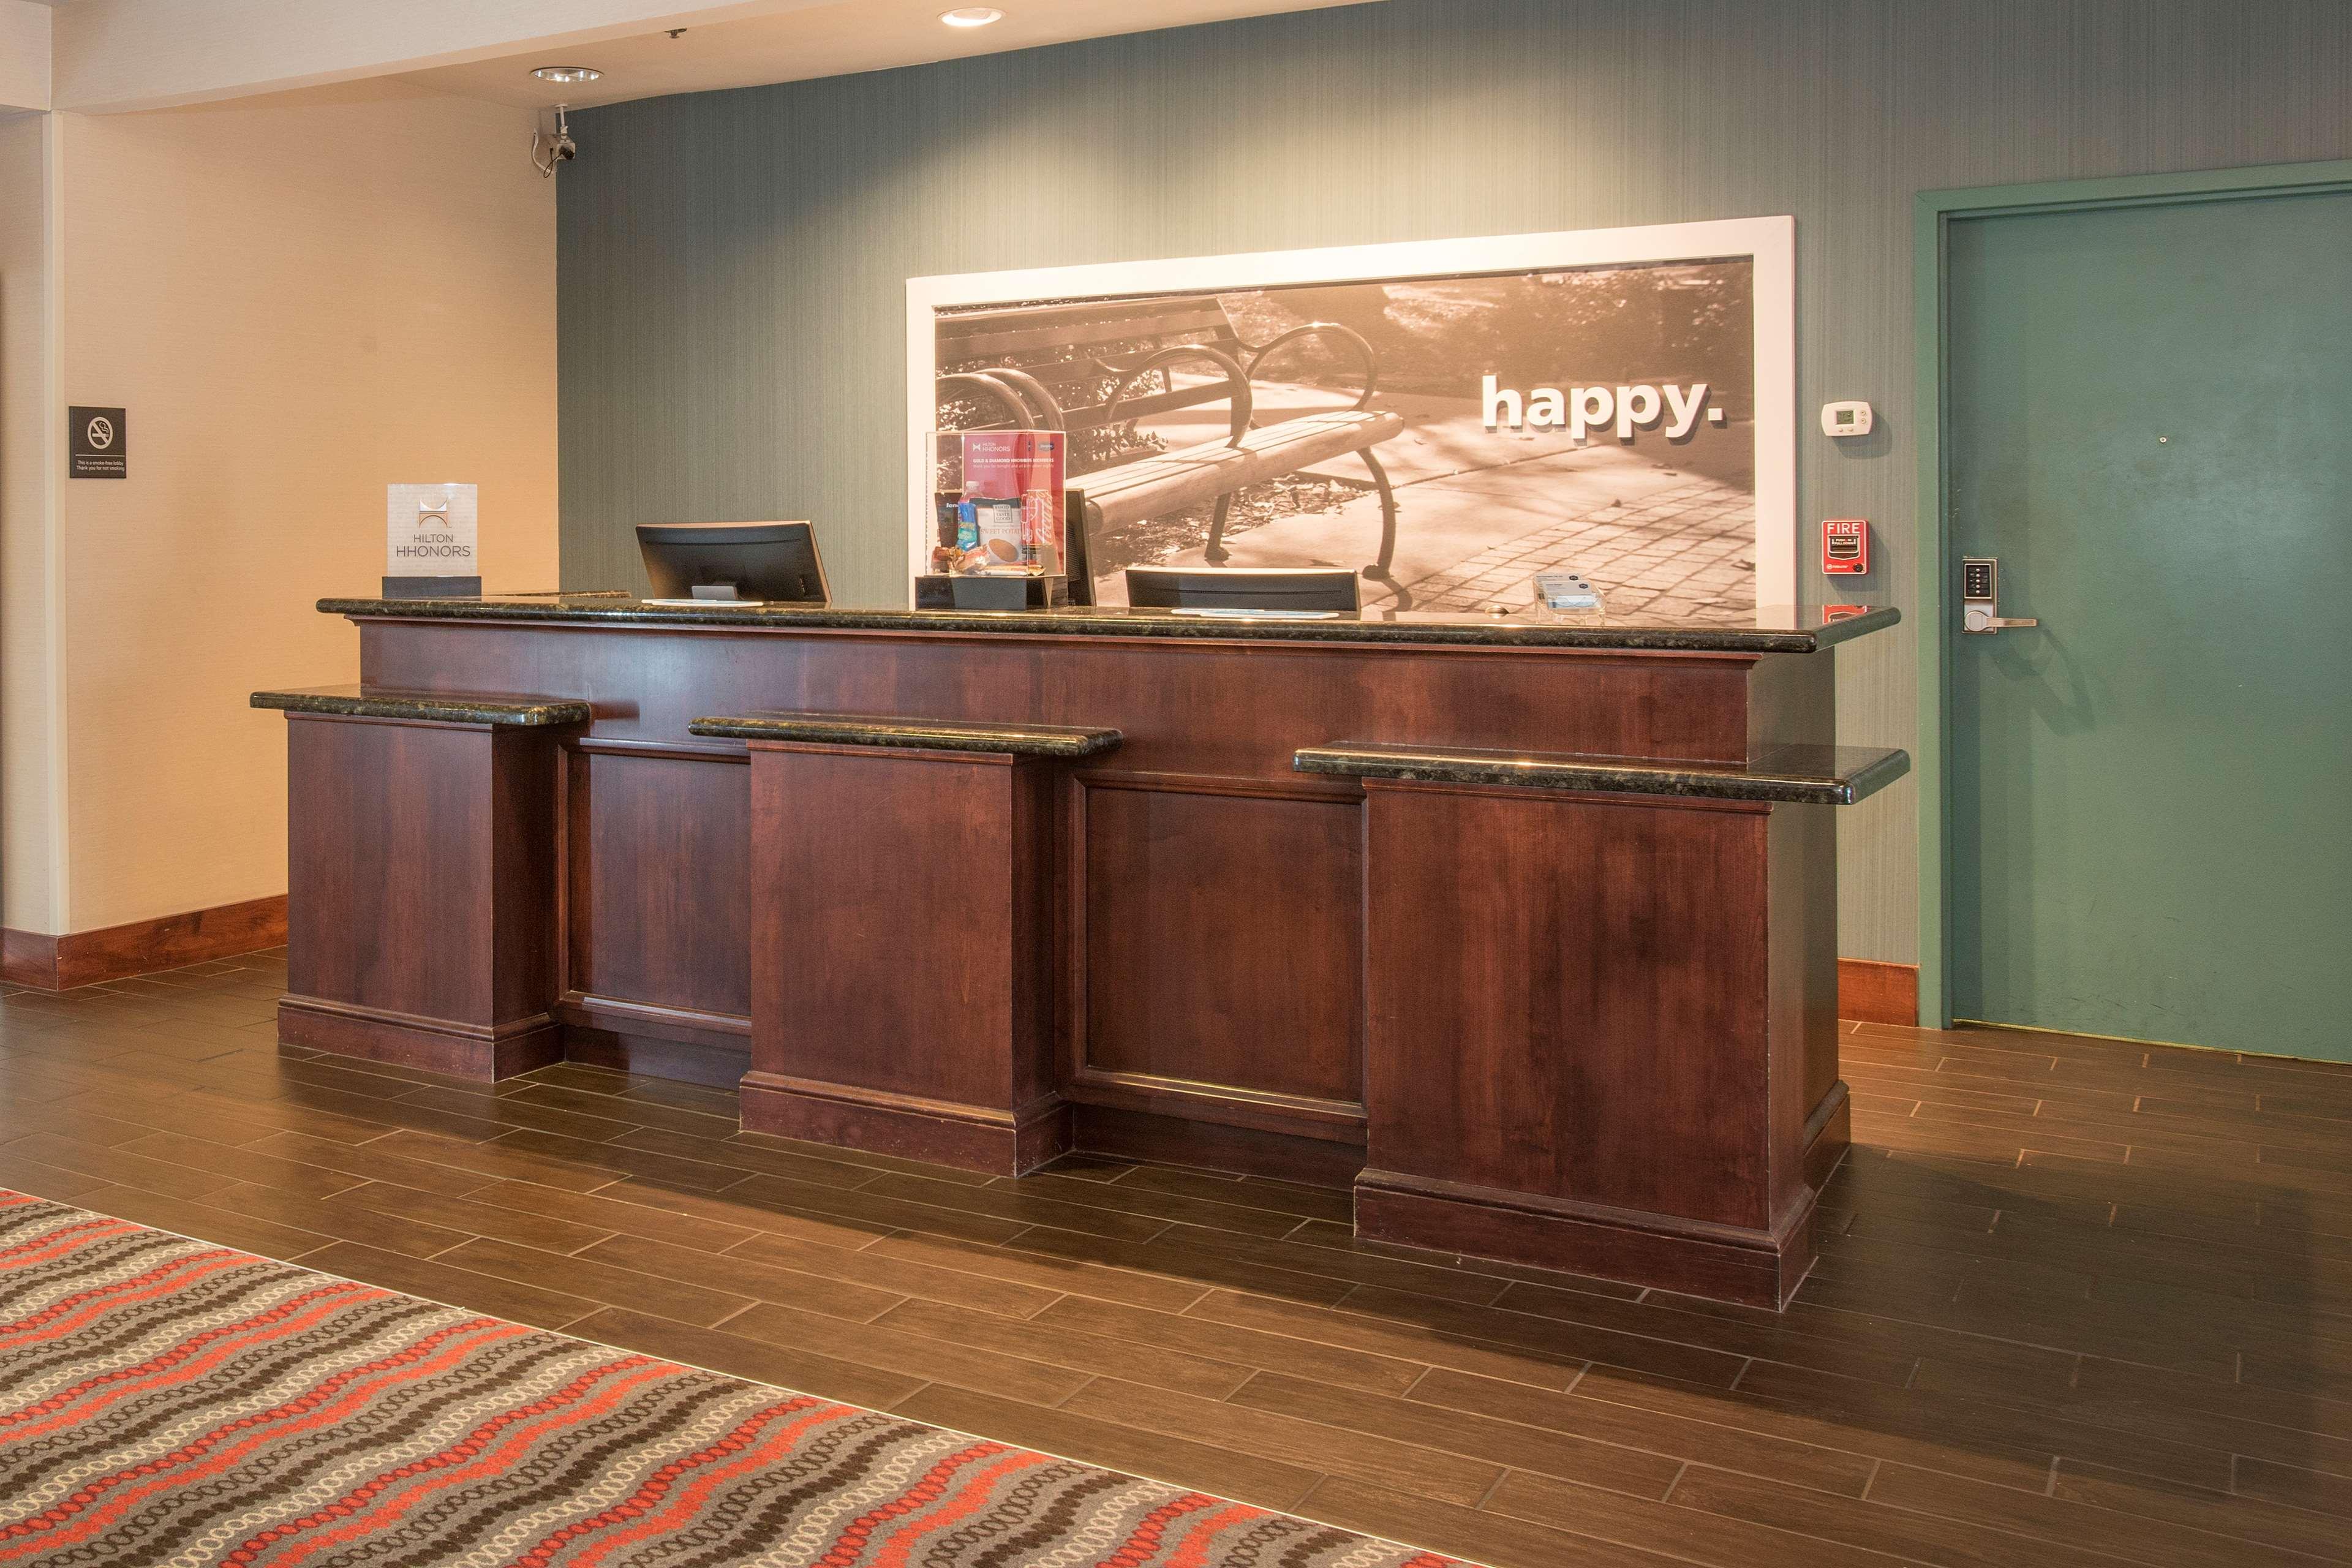 Hampton Inn & Suites Dayton-Airport image 3